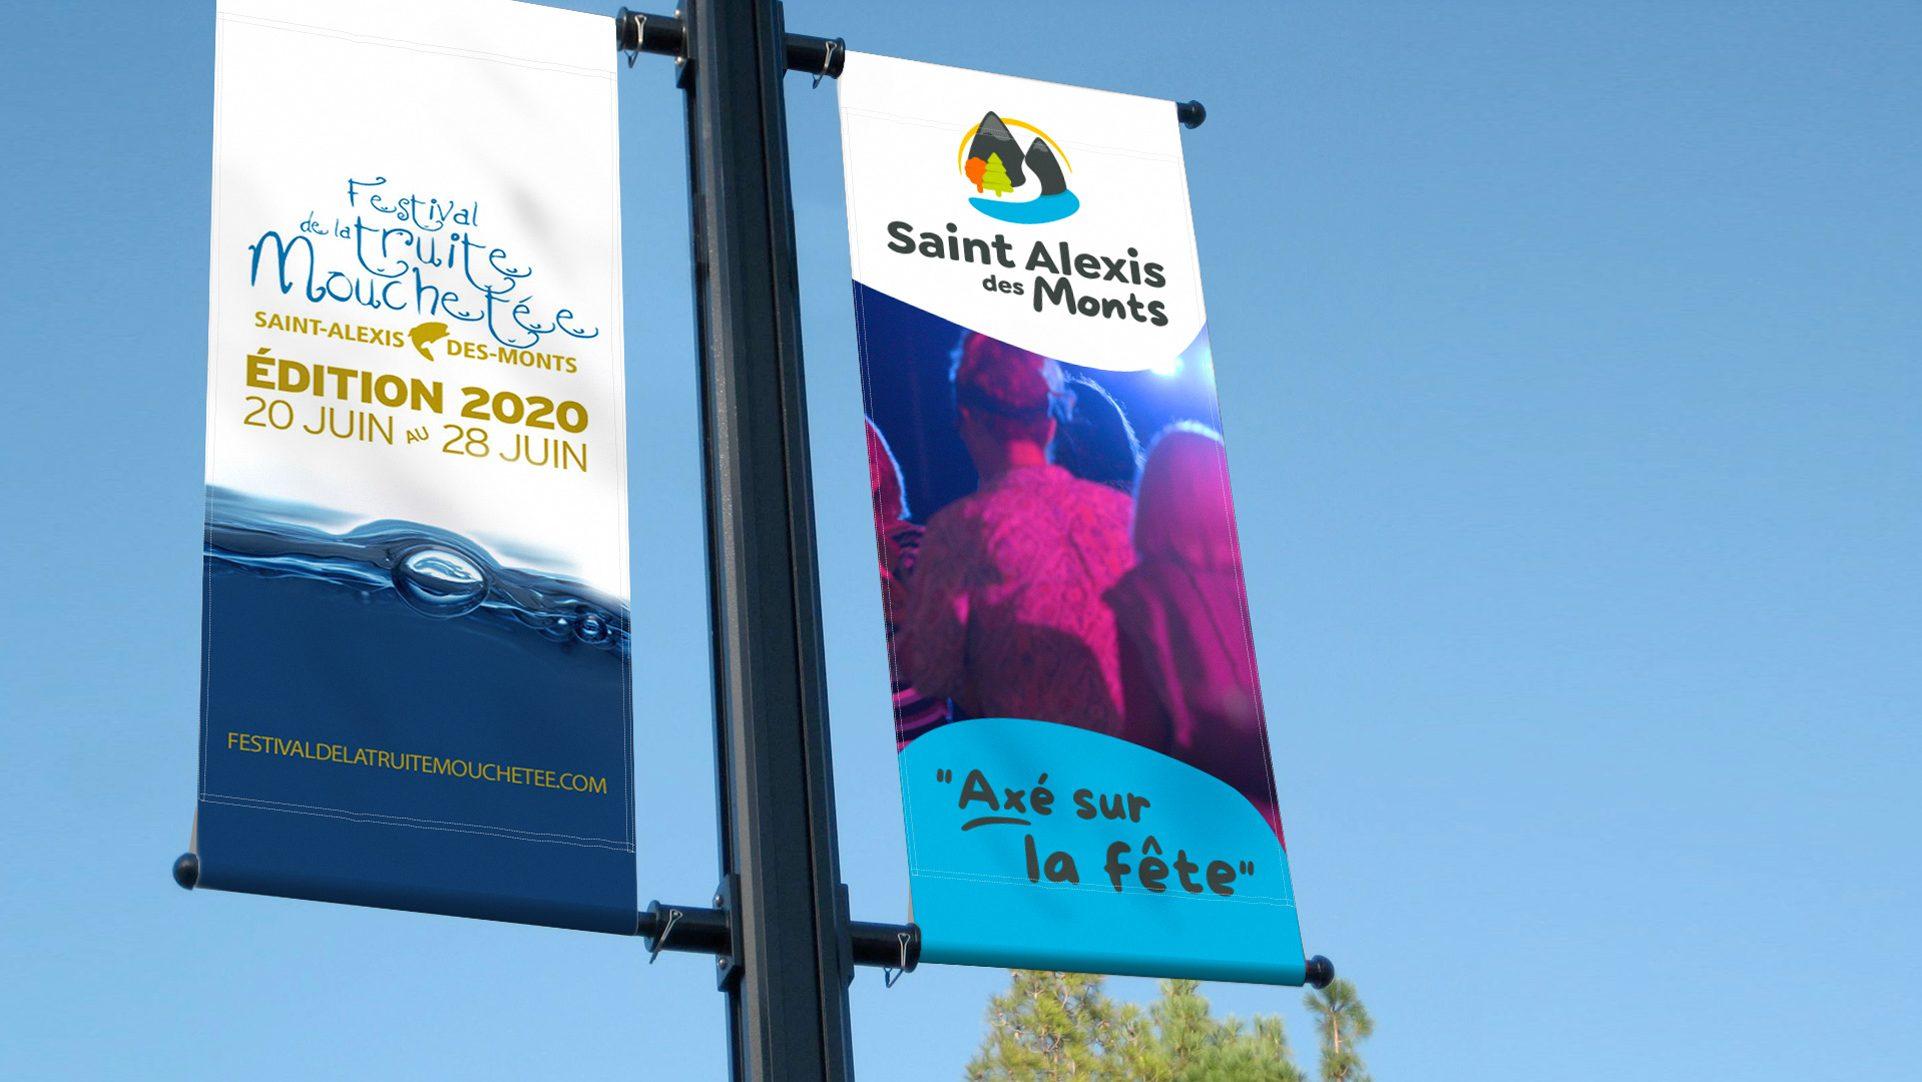 Bannière Saint-Alexis-des-Monts